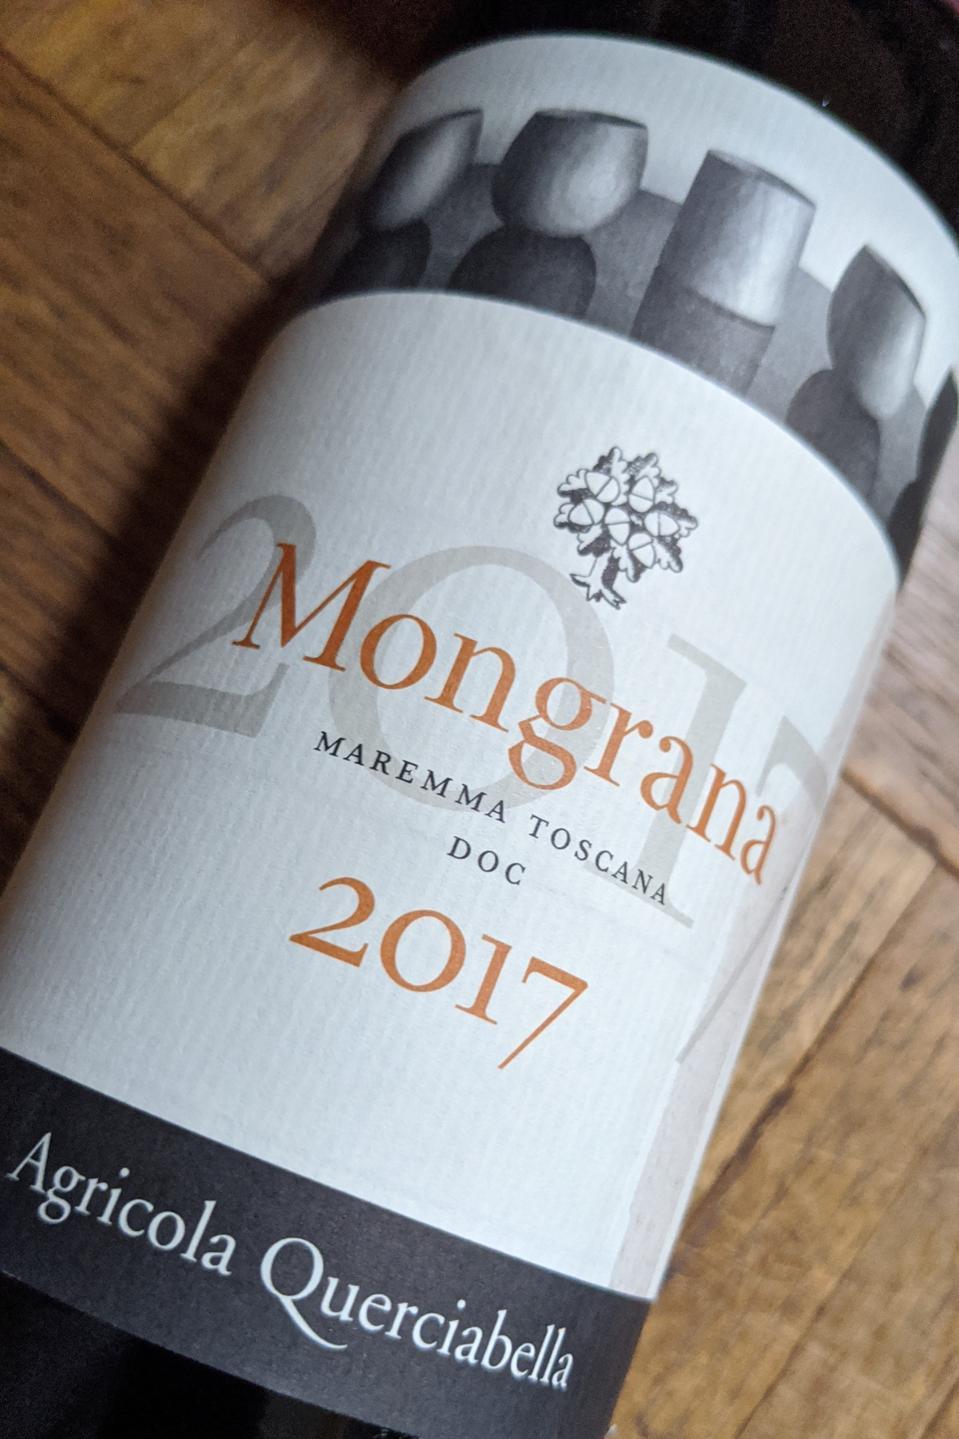 2017 Querciabella 'Mongrana' from Maremma, Tuscany